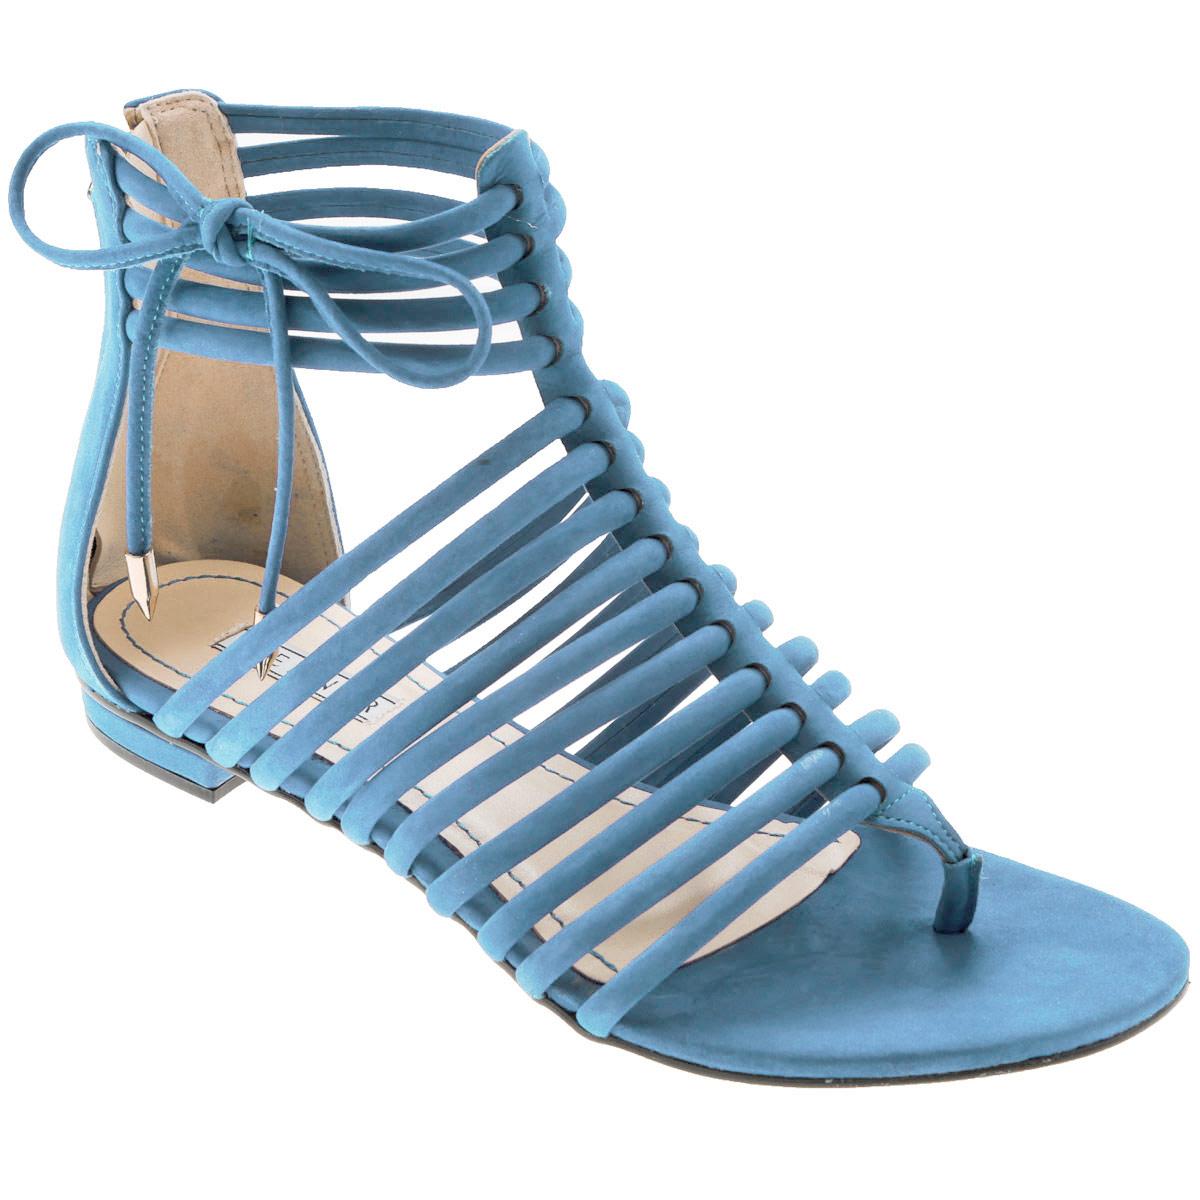 Сандалии женские. 0-530340-53034Стильные сандалии от Werner займут достойное место среди вашей коллекции летней обуви. Модель выполнена из натурального нубука. Стелька из натуральной кожи обеспечивает комфорт при ходьбе.Эргономичная перемычка между пальцами и тонкие ремешки на подъеме и вокруг щиколотки отвечают за надежную фиксацию модели на ноге. Закрытая пятка дополнена удобной застежкой-молнией. Декорировано изделие бантиком из нубука с металлическими наконечниками Подошва выполнена из прочного полимера с противоскользящим рифлением. Модные сандалии прекрасно дополнят любой из ваших образов.